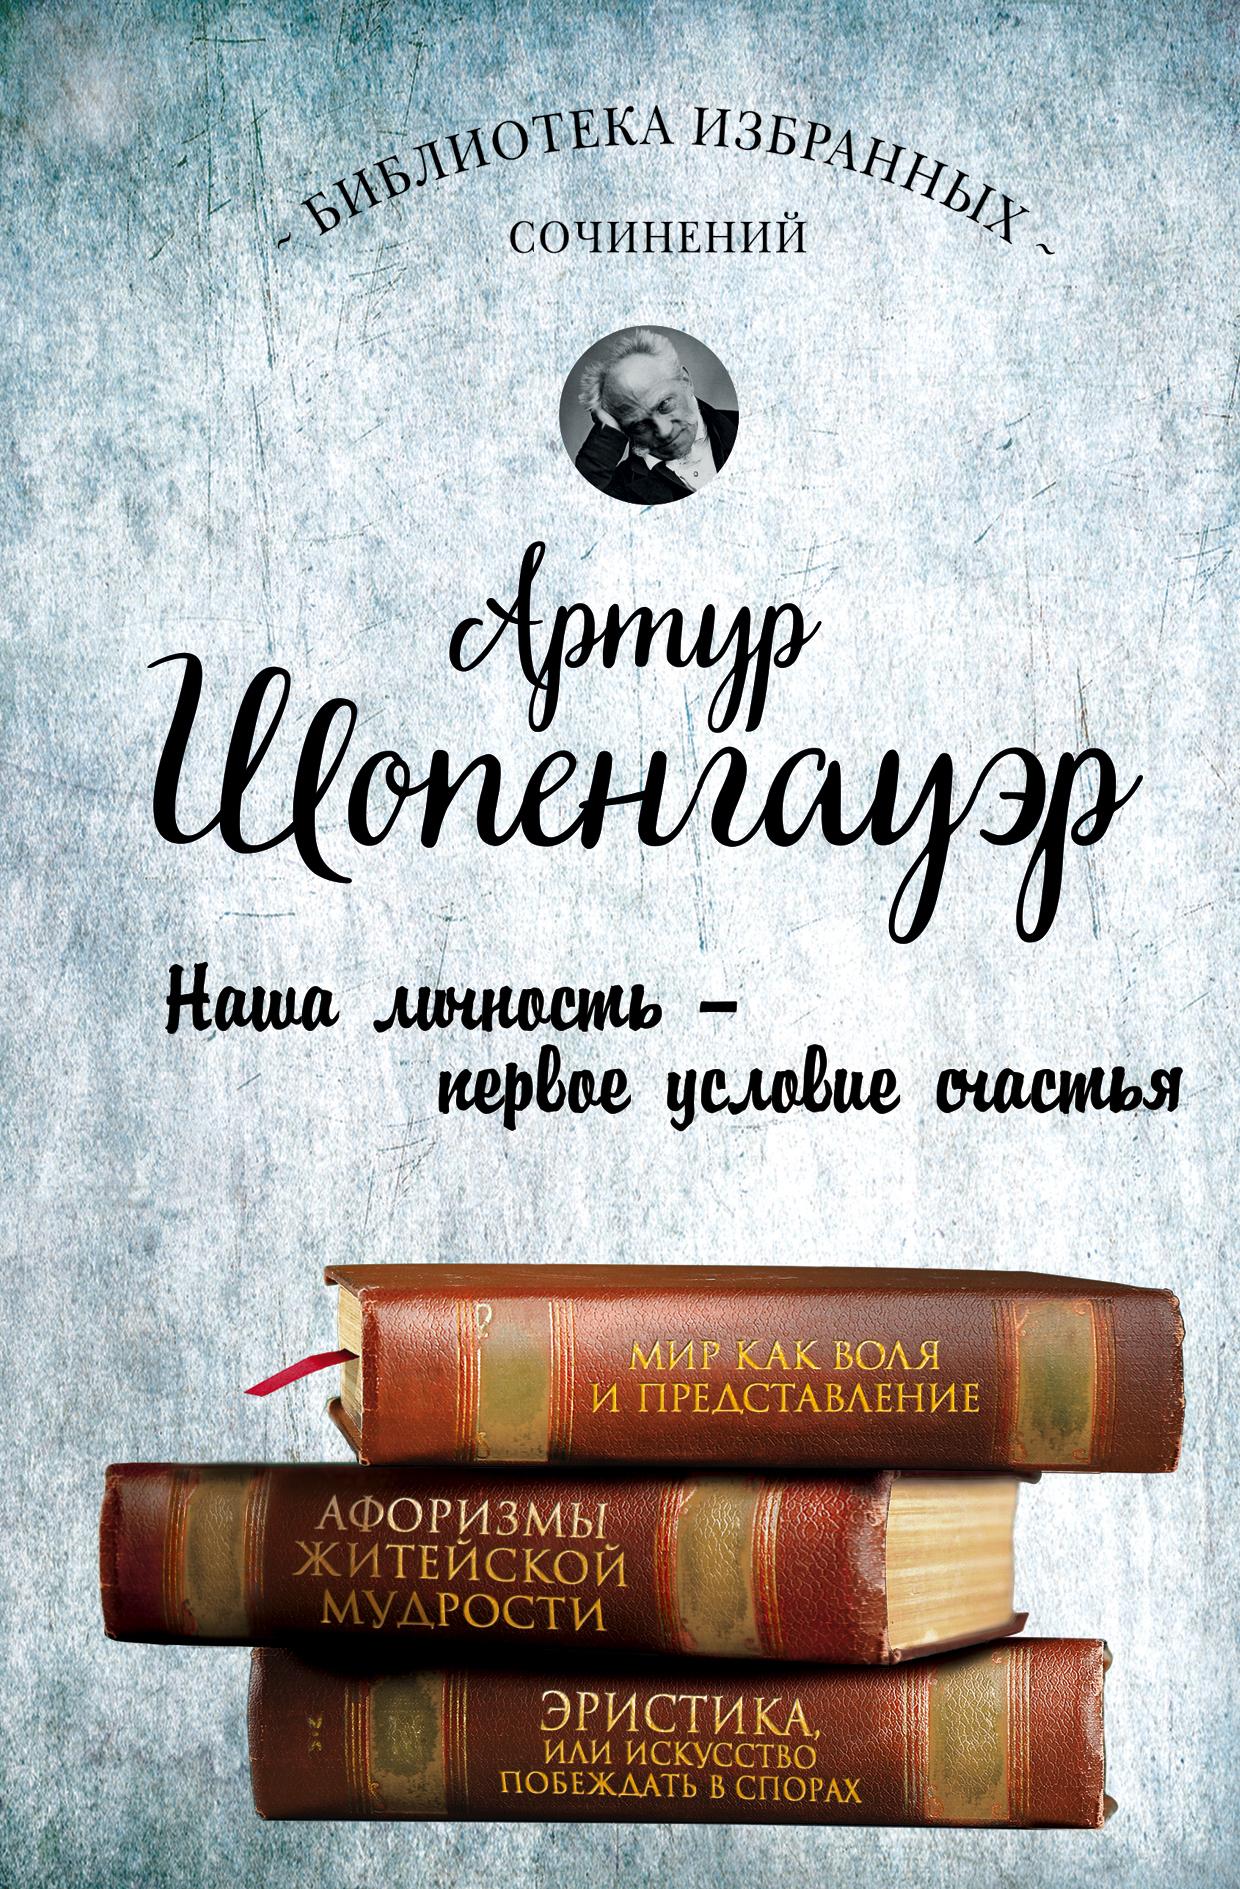 Артур Шопенгауэр. Мир как воля и представление. Афоризмы житейской мудрости. Эристика, или Искусство побеждать в спорах